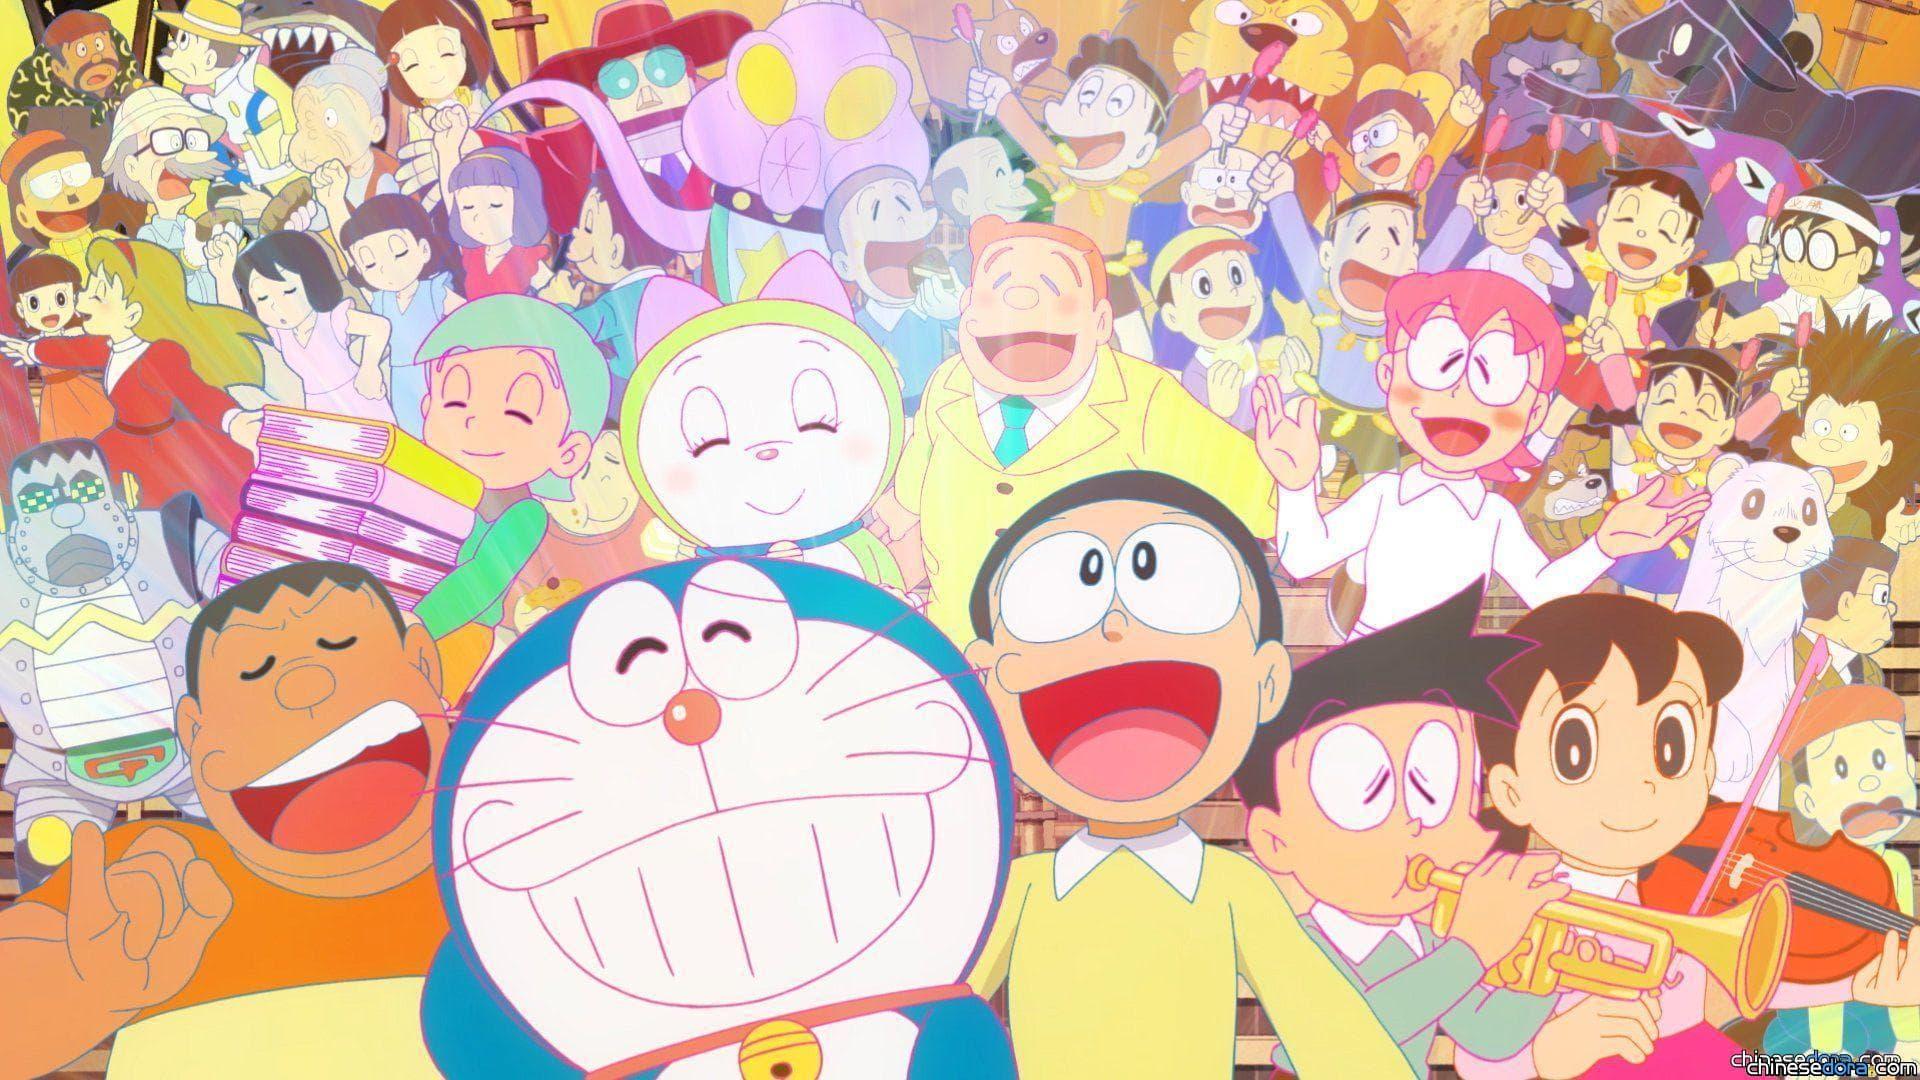 [日本] 改時段後的《哆啦A夢》今天播出! 主題曲部分靜態圖片搶先釋出!